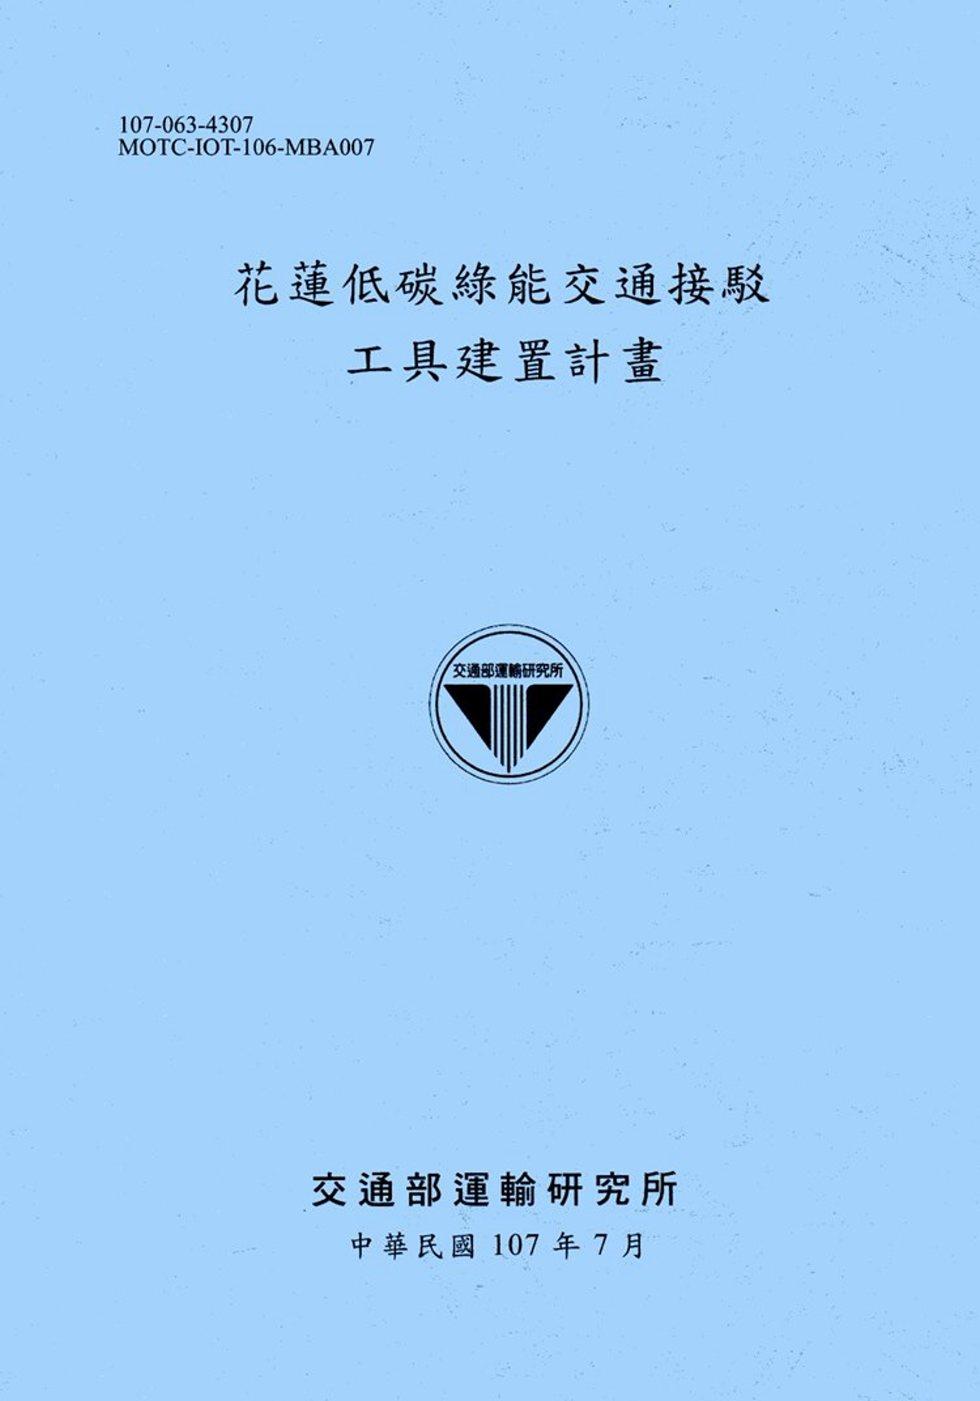 花蓮低碳綠能交通接駁工具建置計畫[107藍灰]